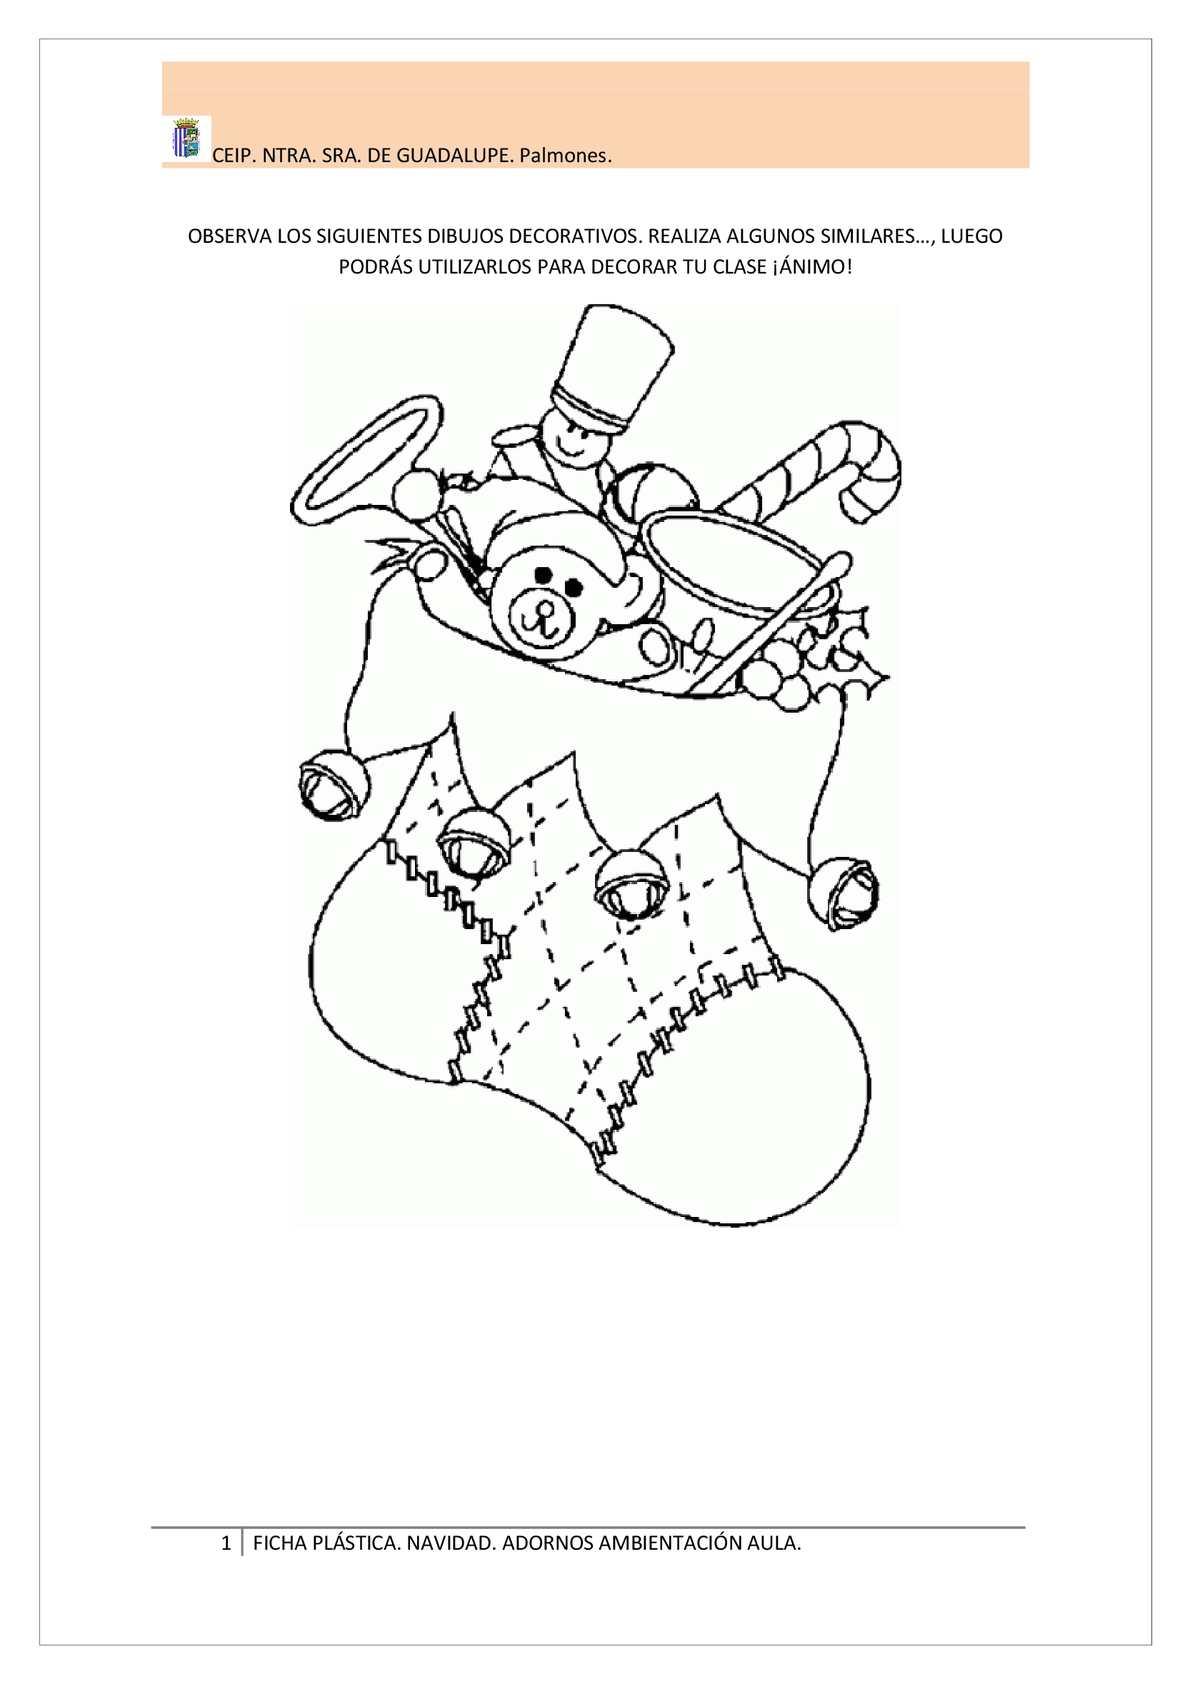 Dibujos De Navidad Para Decorar La Clase.Calameo Ficha Plastica Navidad Educacion Primaria